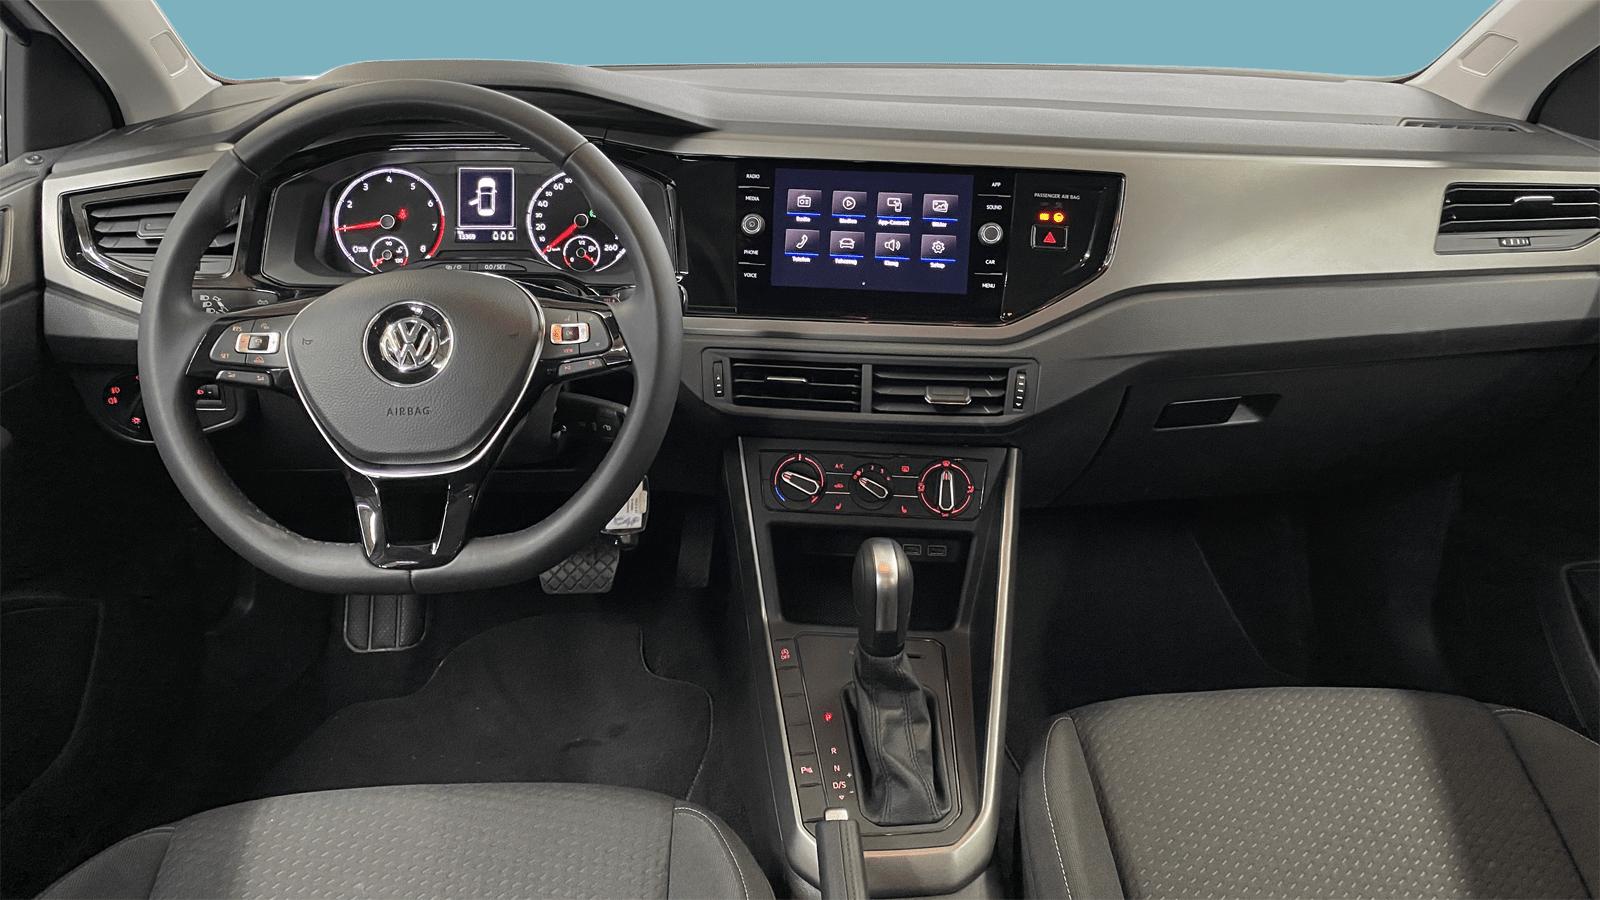 VW Polo White interior - Clyde car subscription